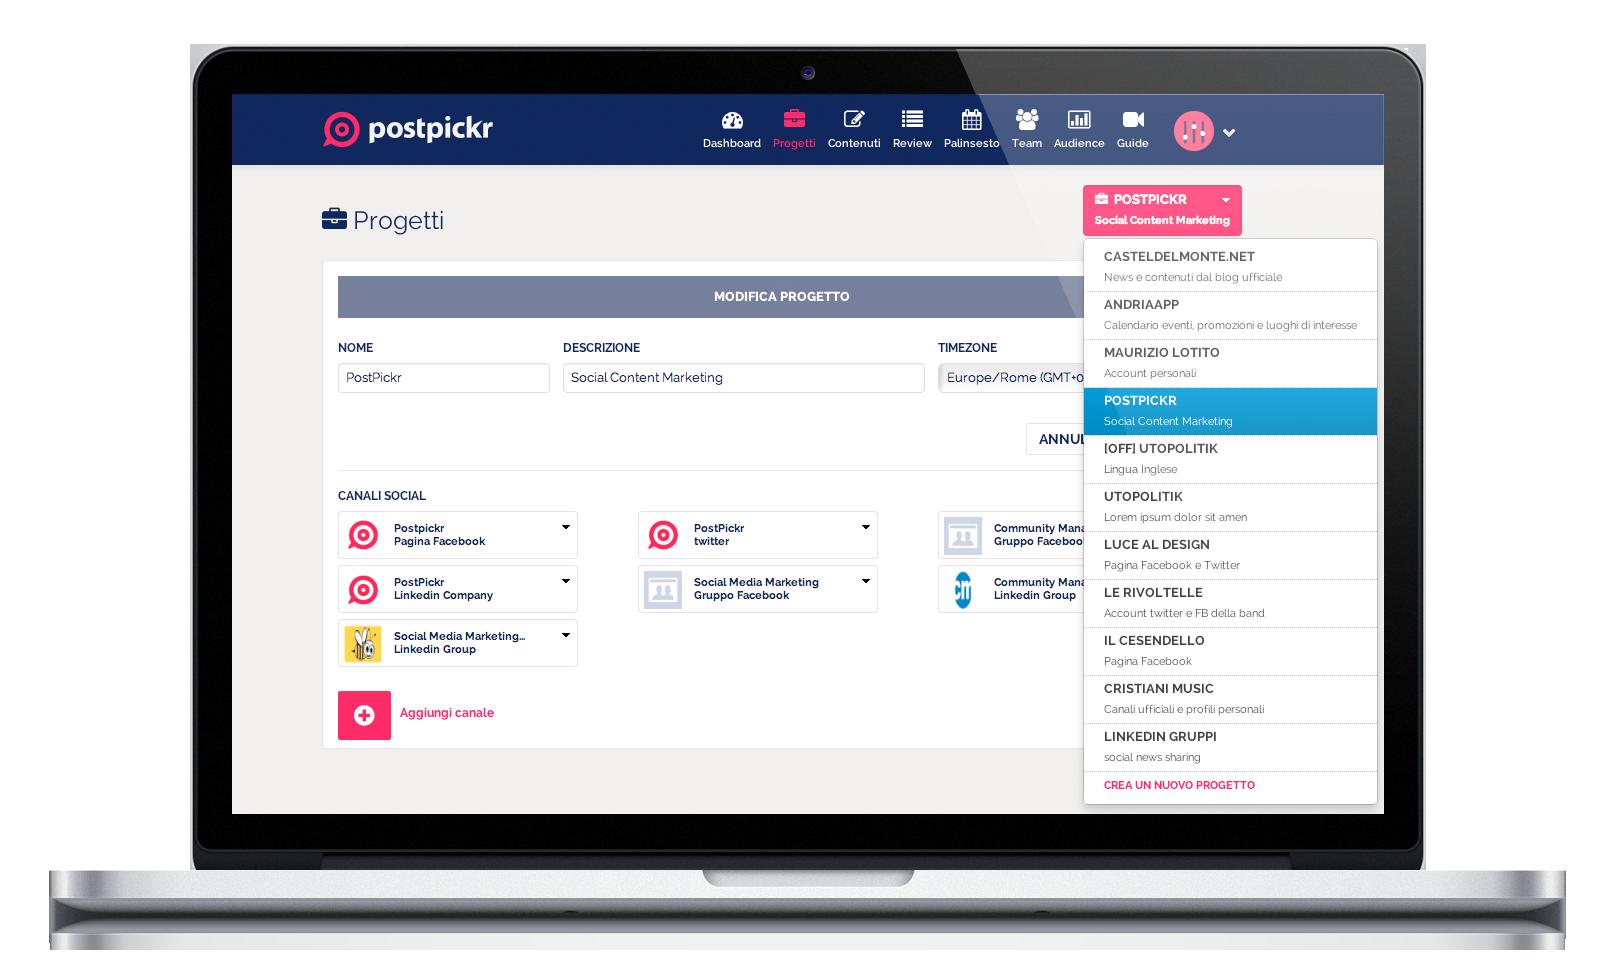 Usare i progetti per impostare il piano editoriale for Creare progetti online